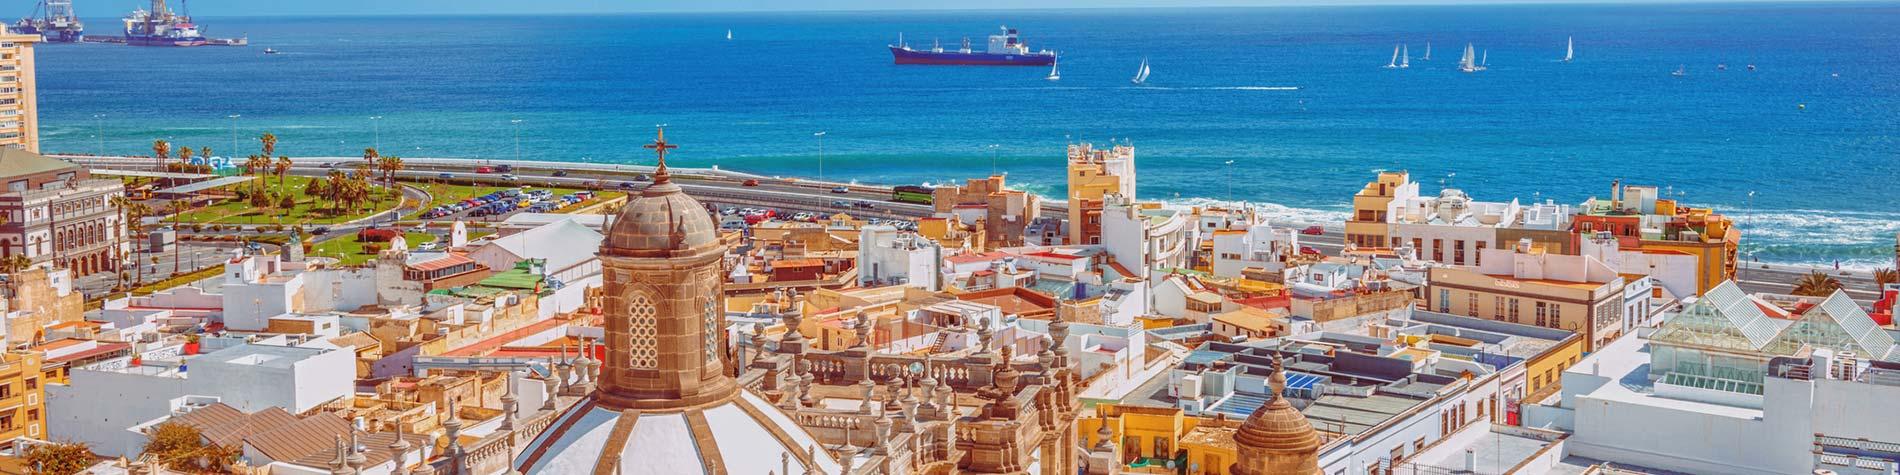 Billigflüge Nach Gran Canaria Lpa Ab 2298 Ryanaircom